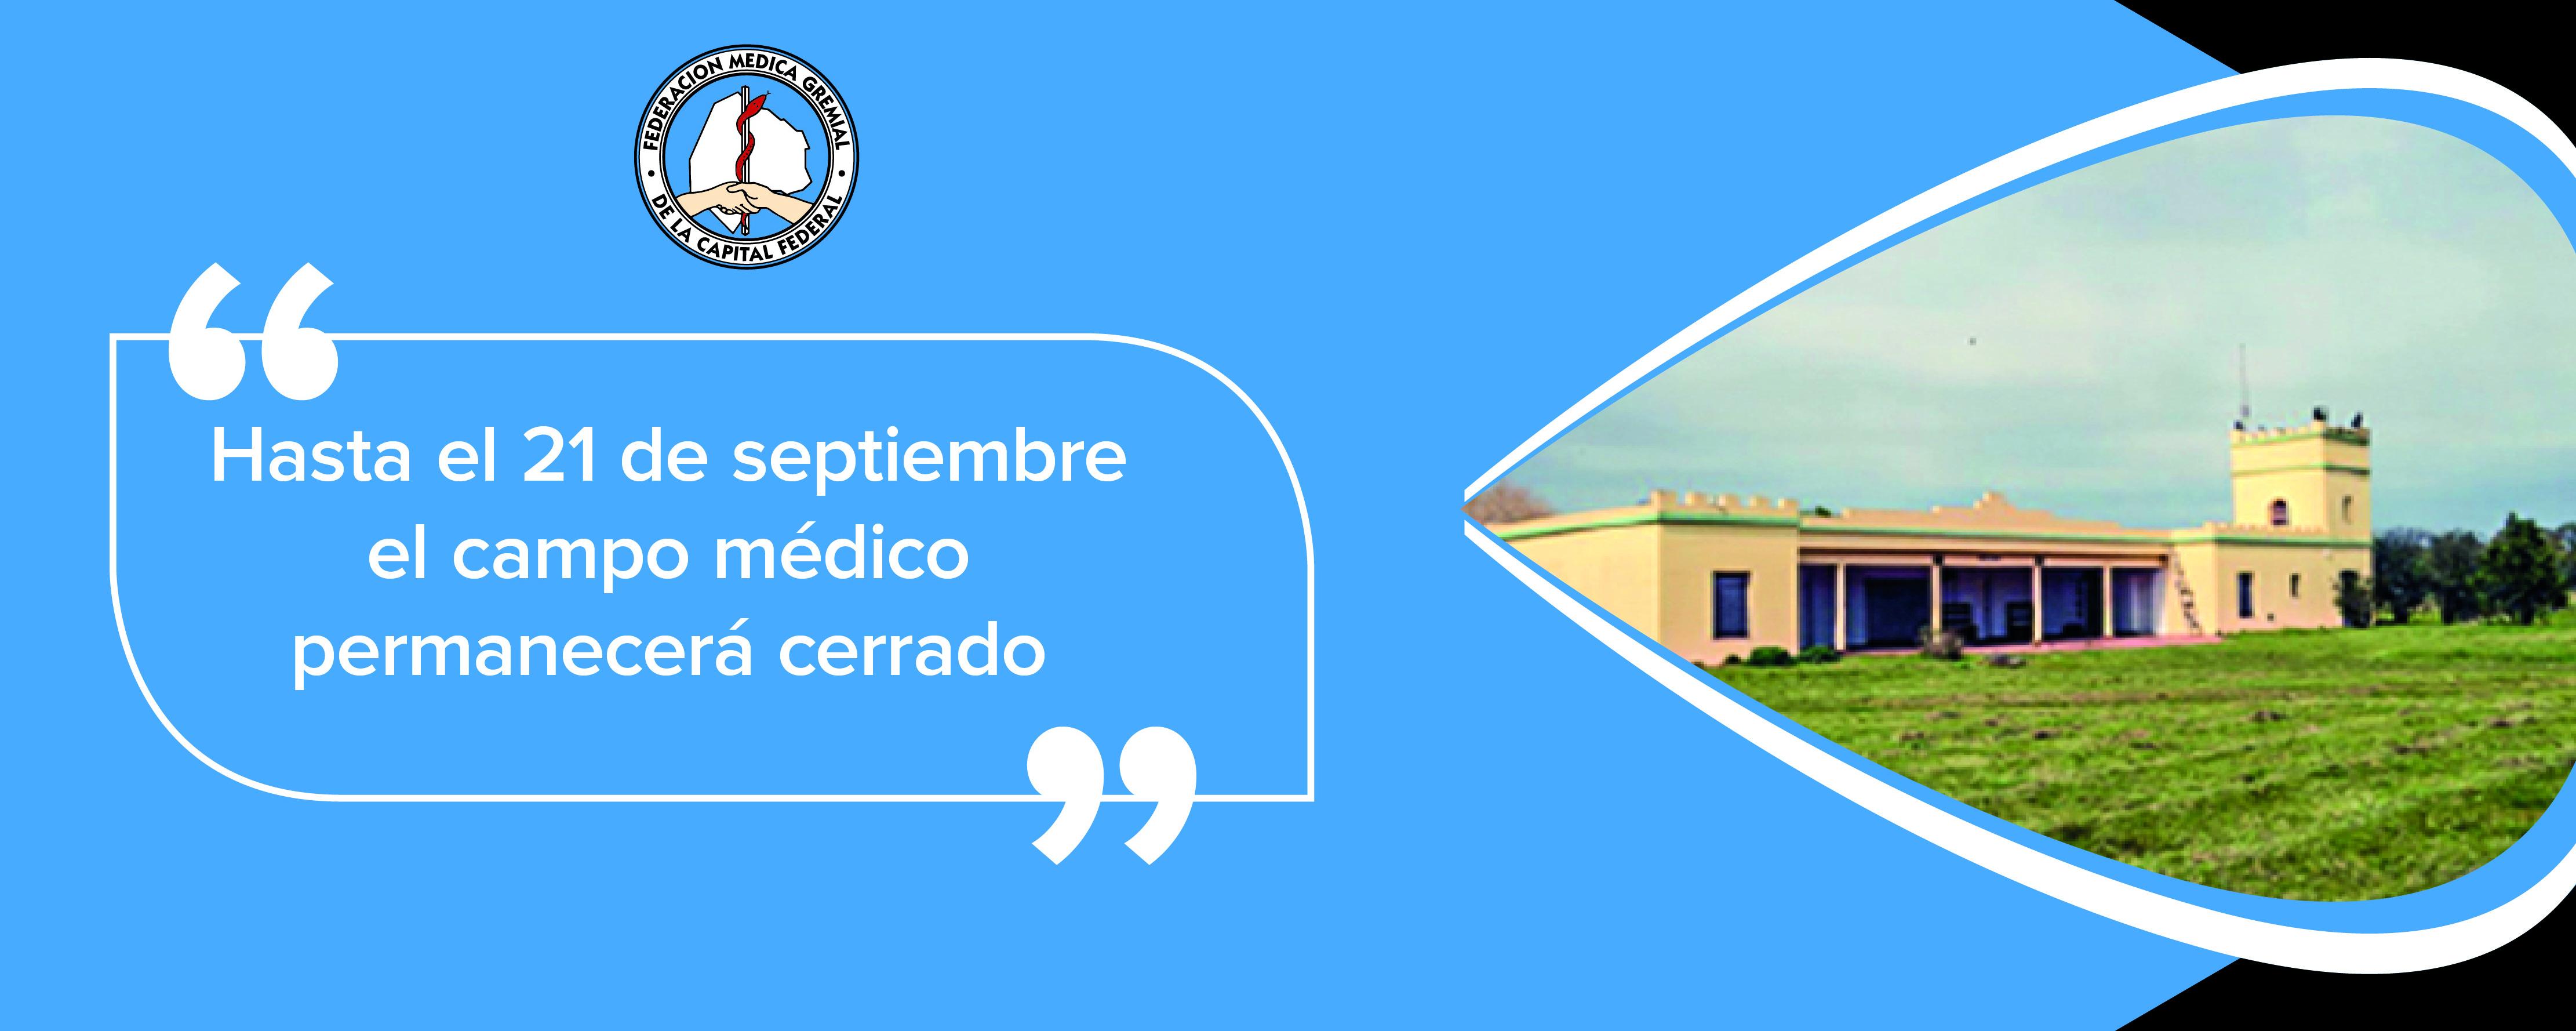 El campo médico de Femeca permanecerá cerrado hasta el 21/09